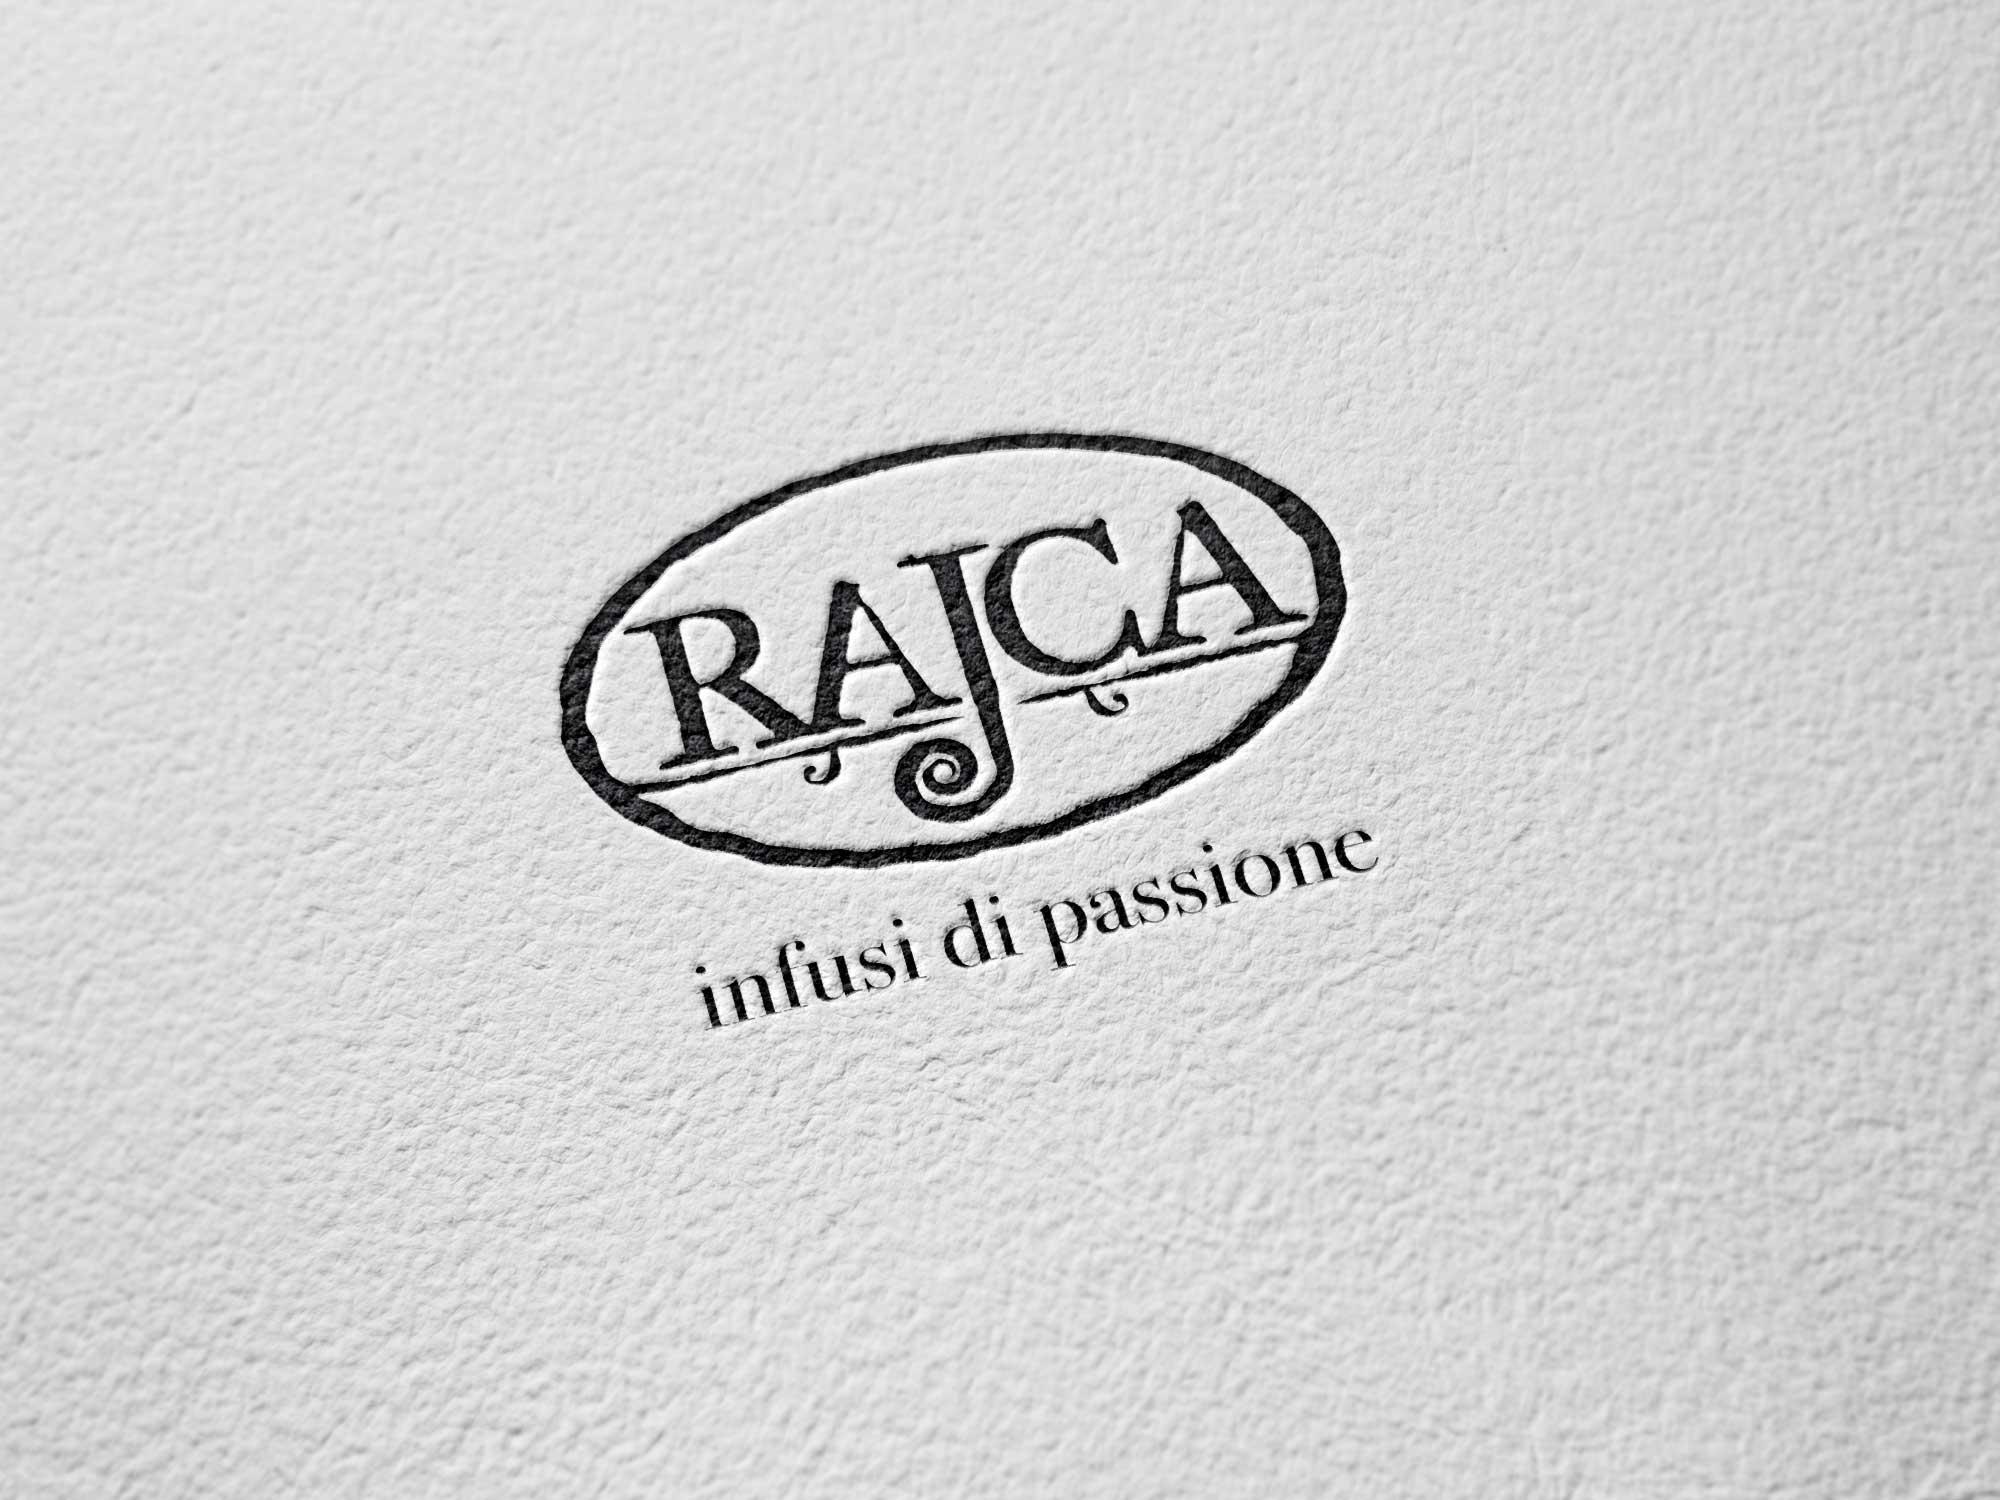 Paper-engraved-logo-mockup